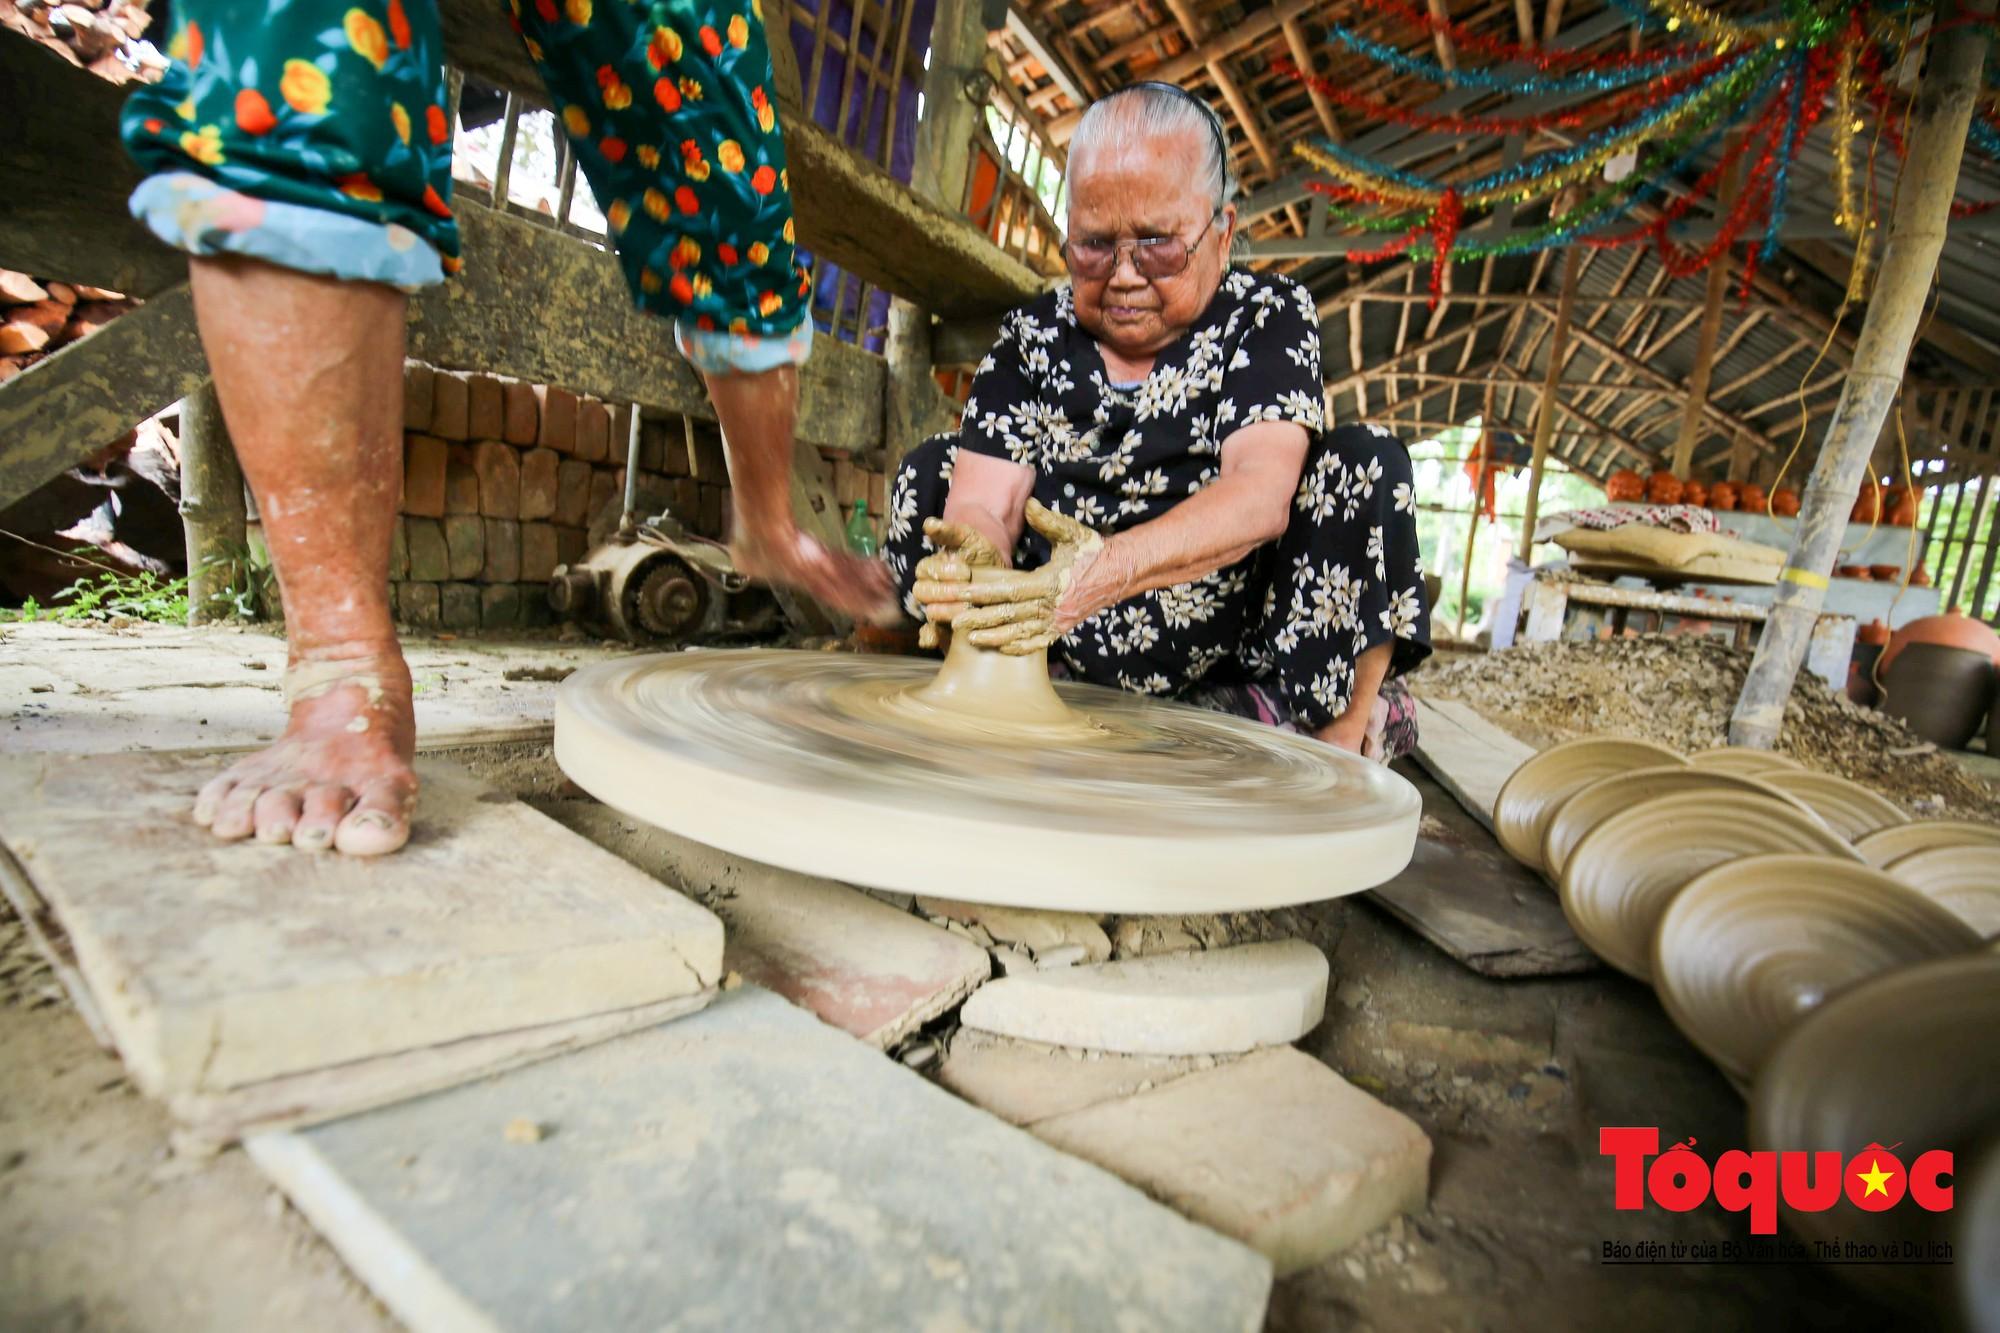 Vẻ đẹp trầm mặc của làng gốm gần nghìn năm tuổi bên dòng sông Thu Bồn6